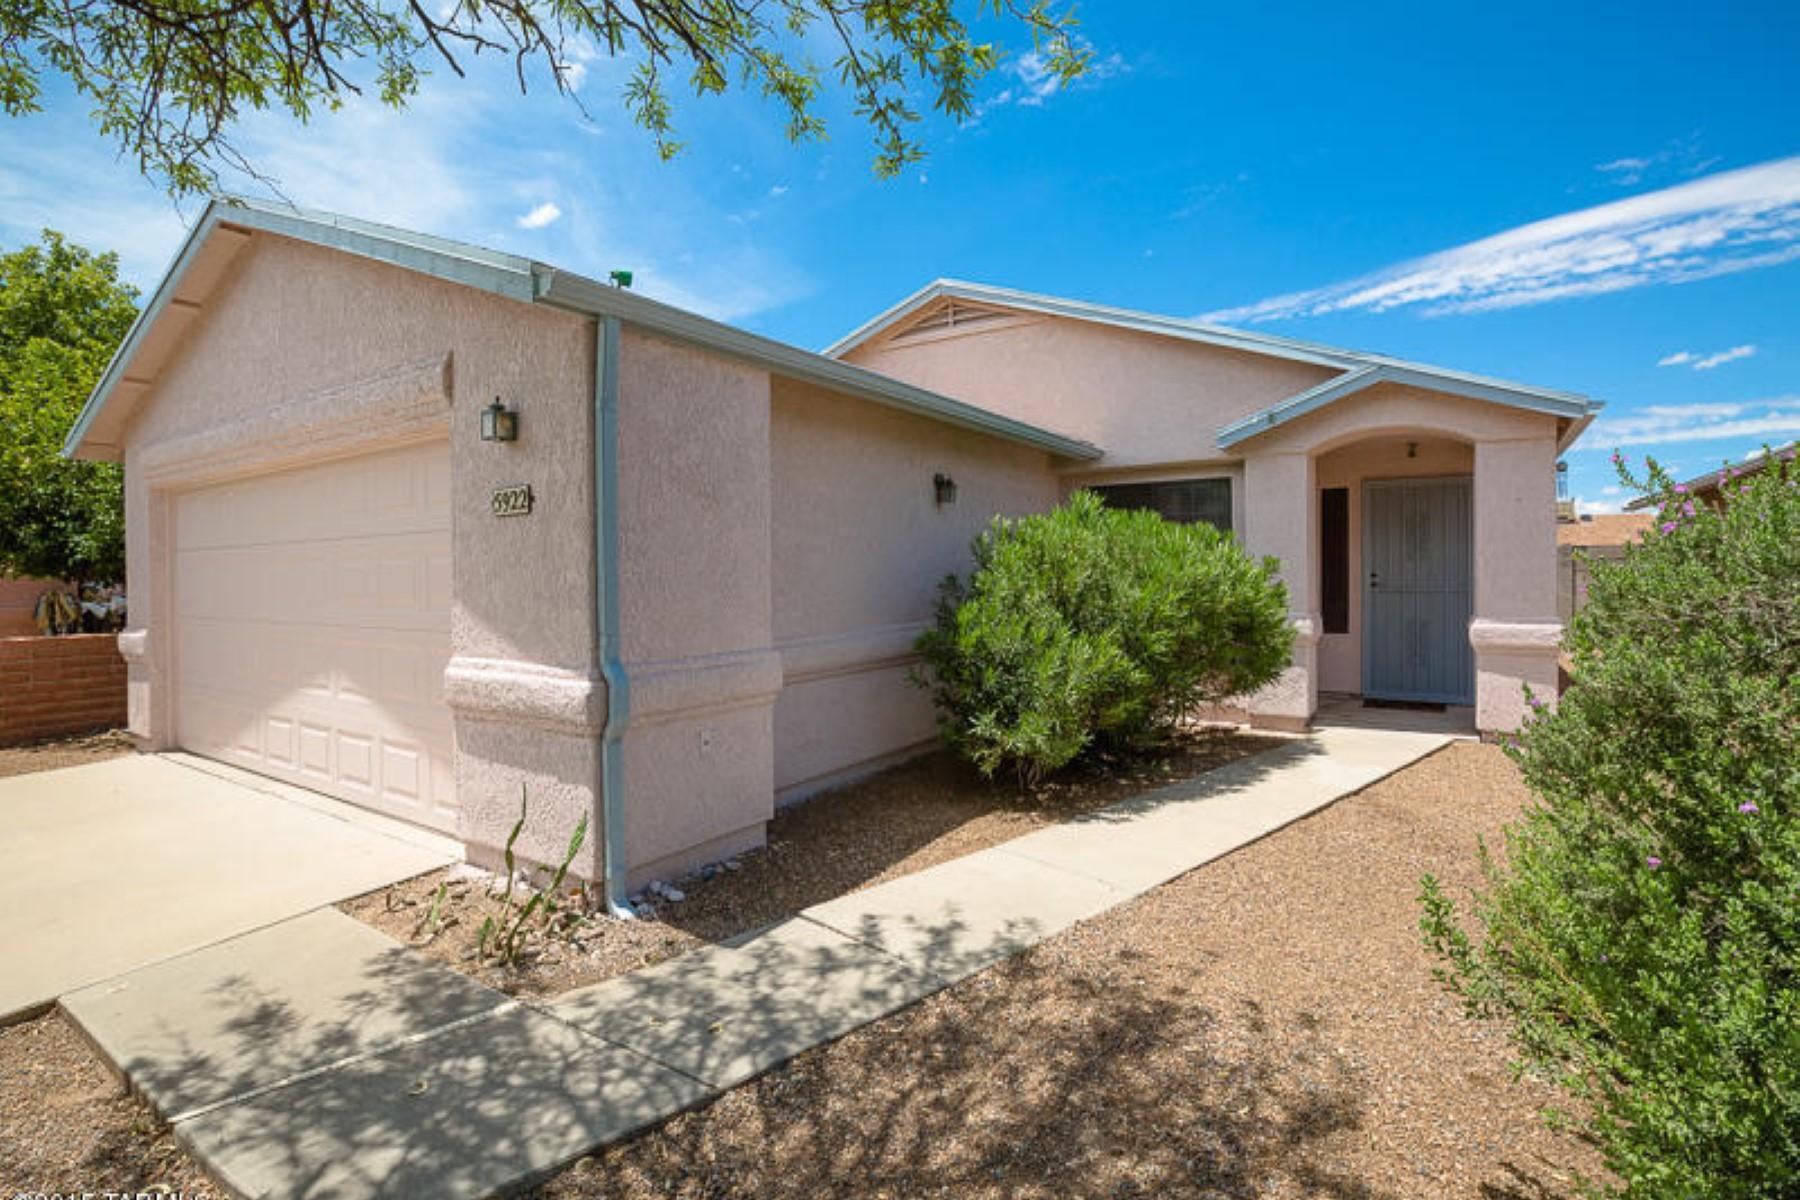 独户住宅 为 销售 在 Lovely two bed two bath home. 5922 S Wood Crest Drive Tucson, 亚利桑那州 85746 美国